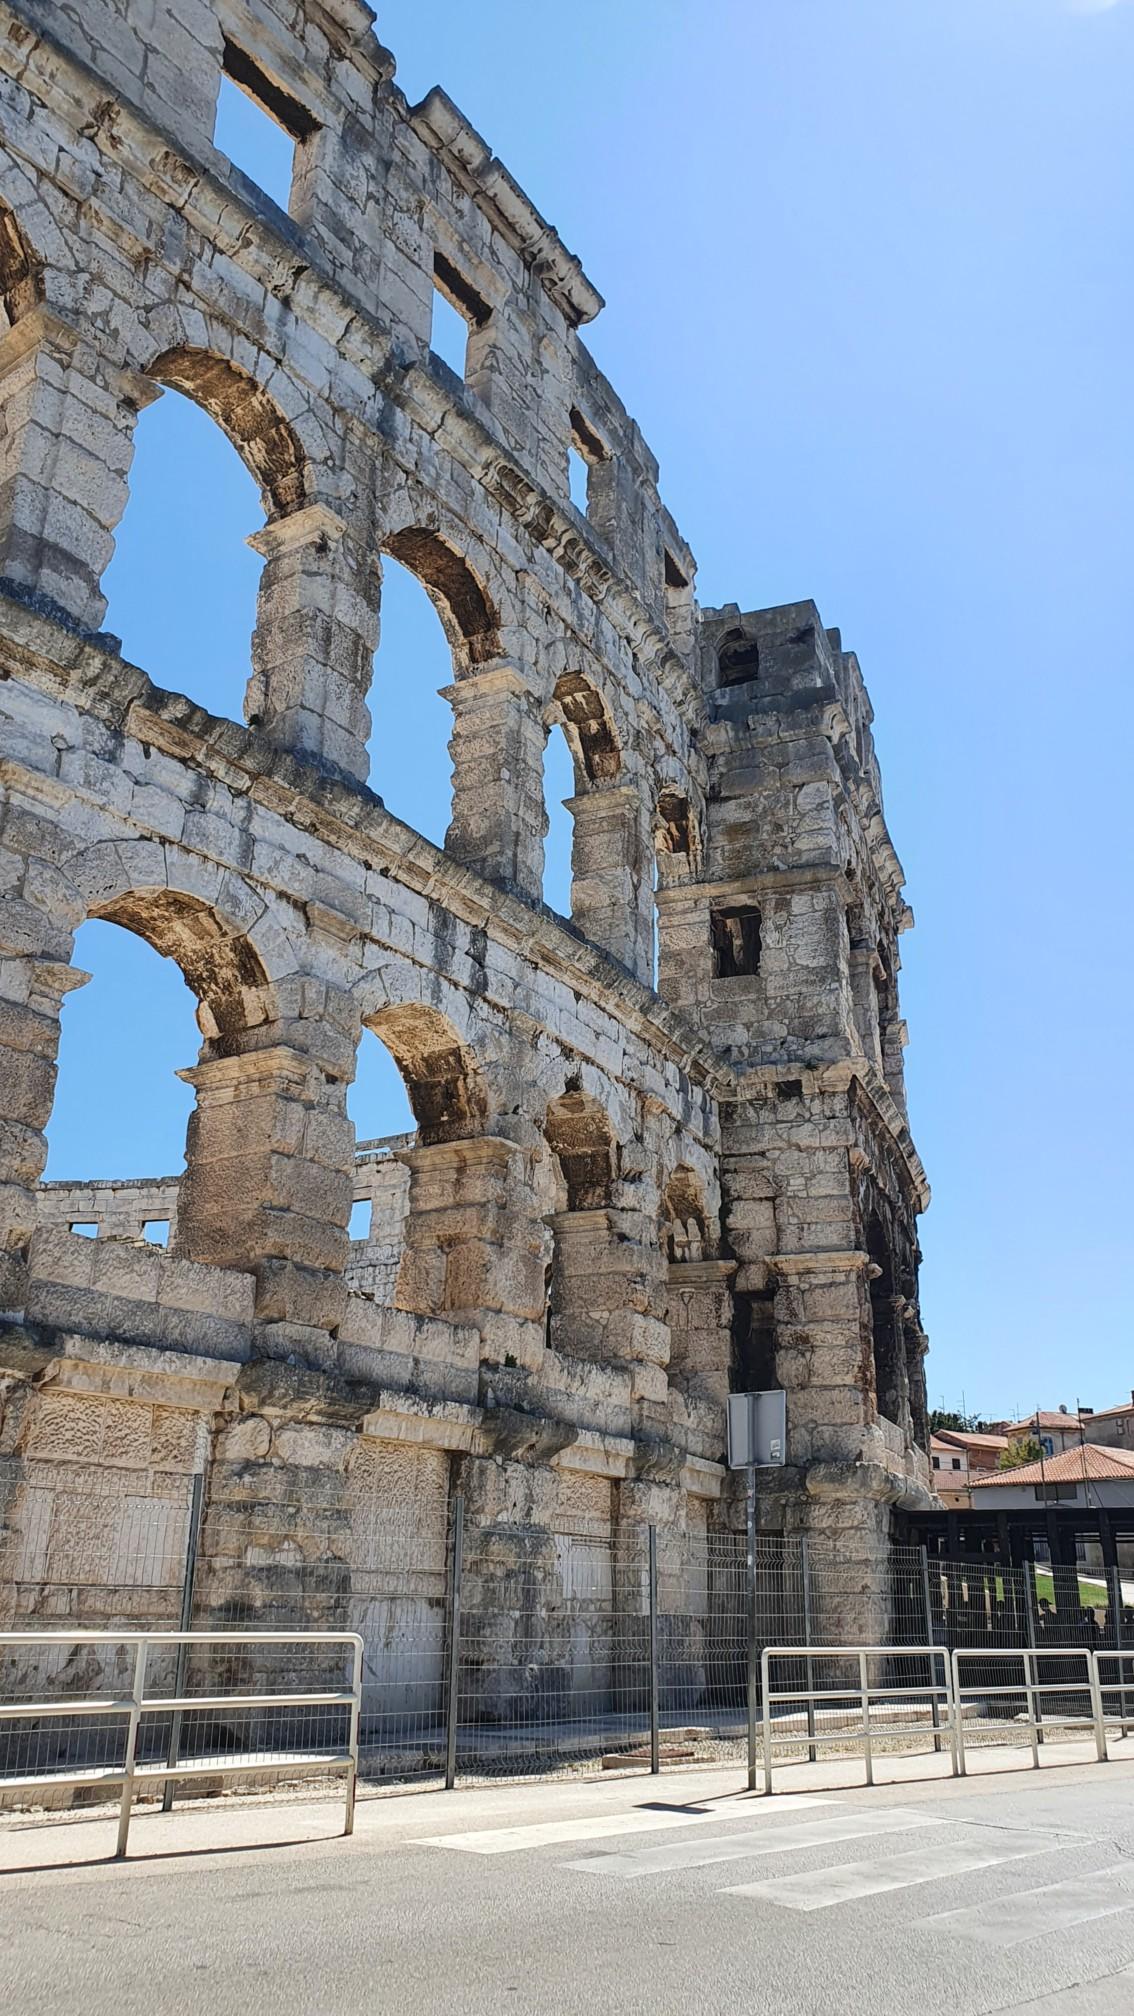 Amphietheater von Pula auf Istrien